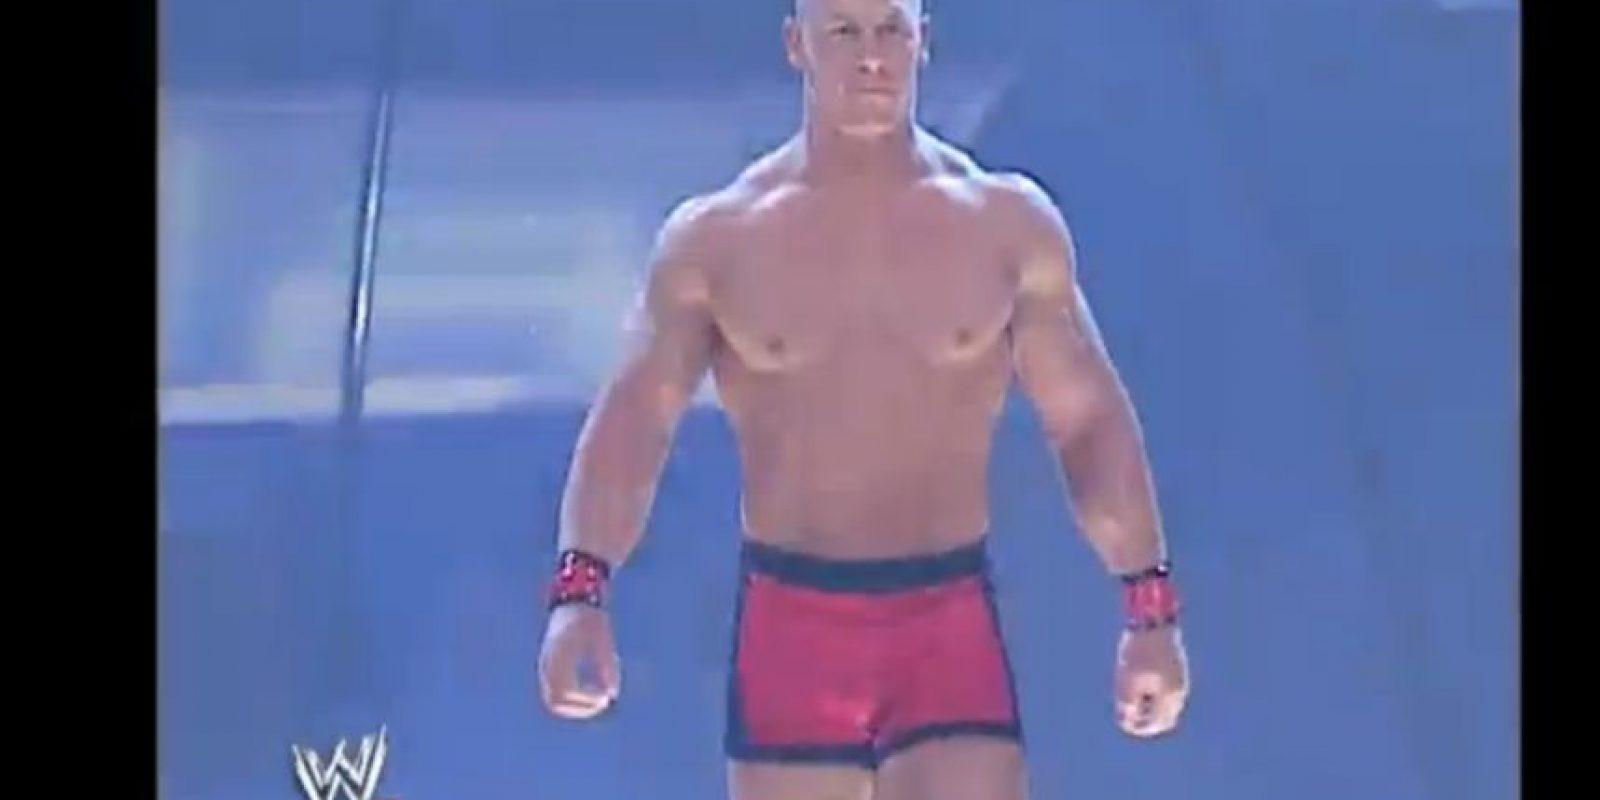 Contestó el reto abierto de Kurt Angle, el 27 de junio de 2002 Foto:WWE